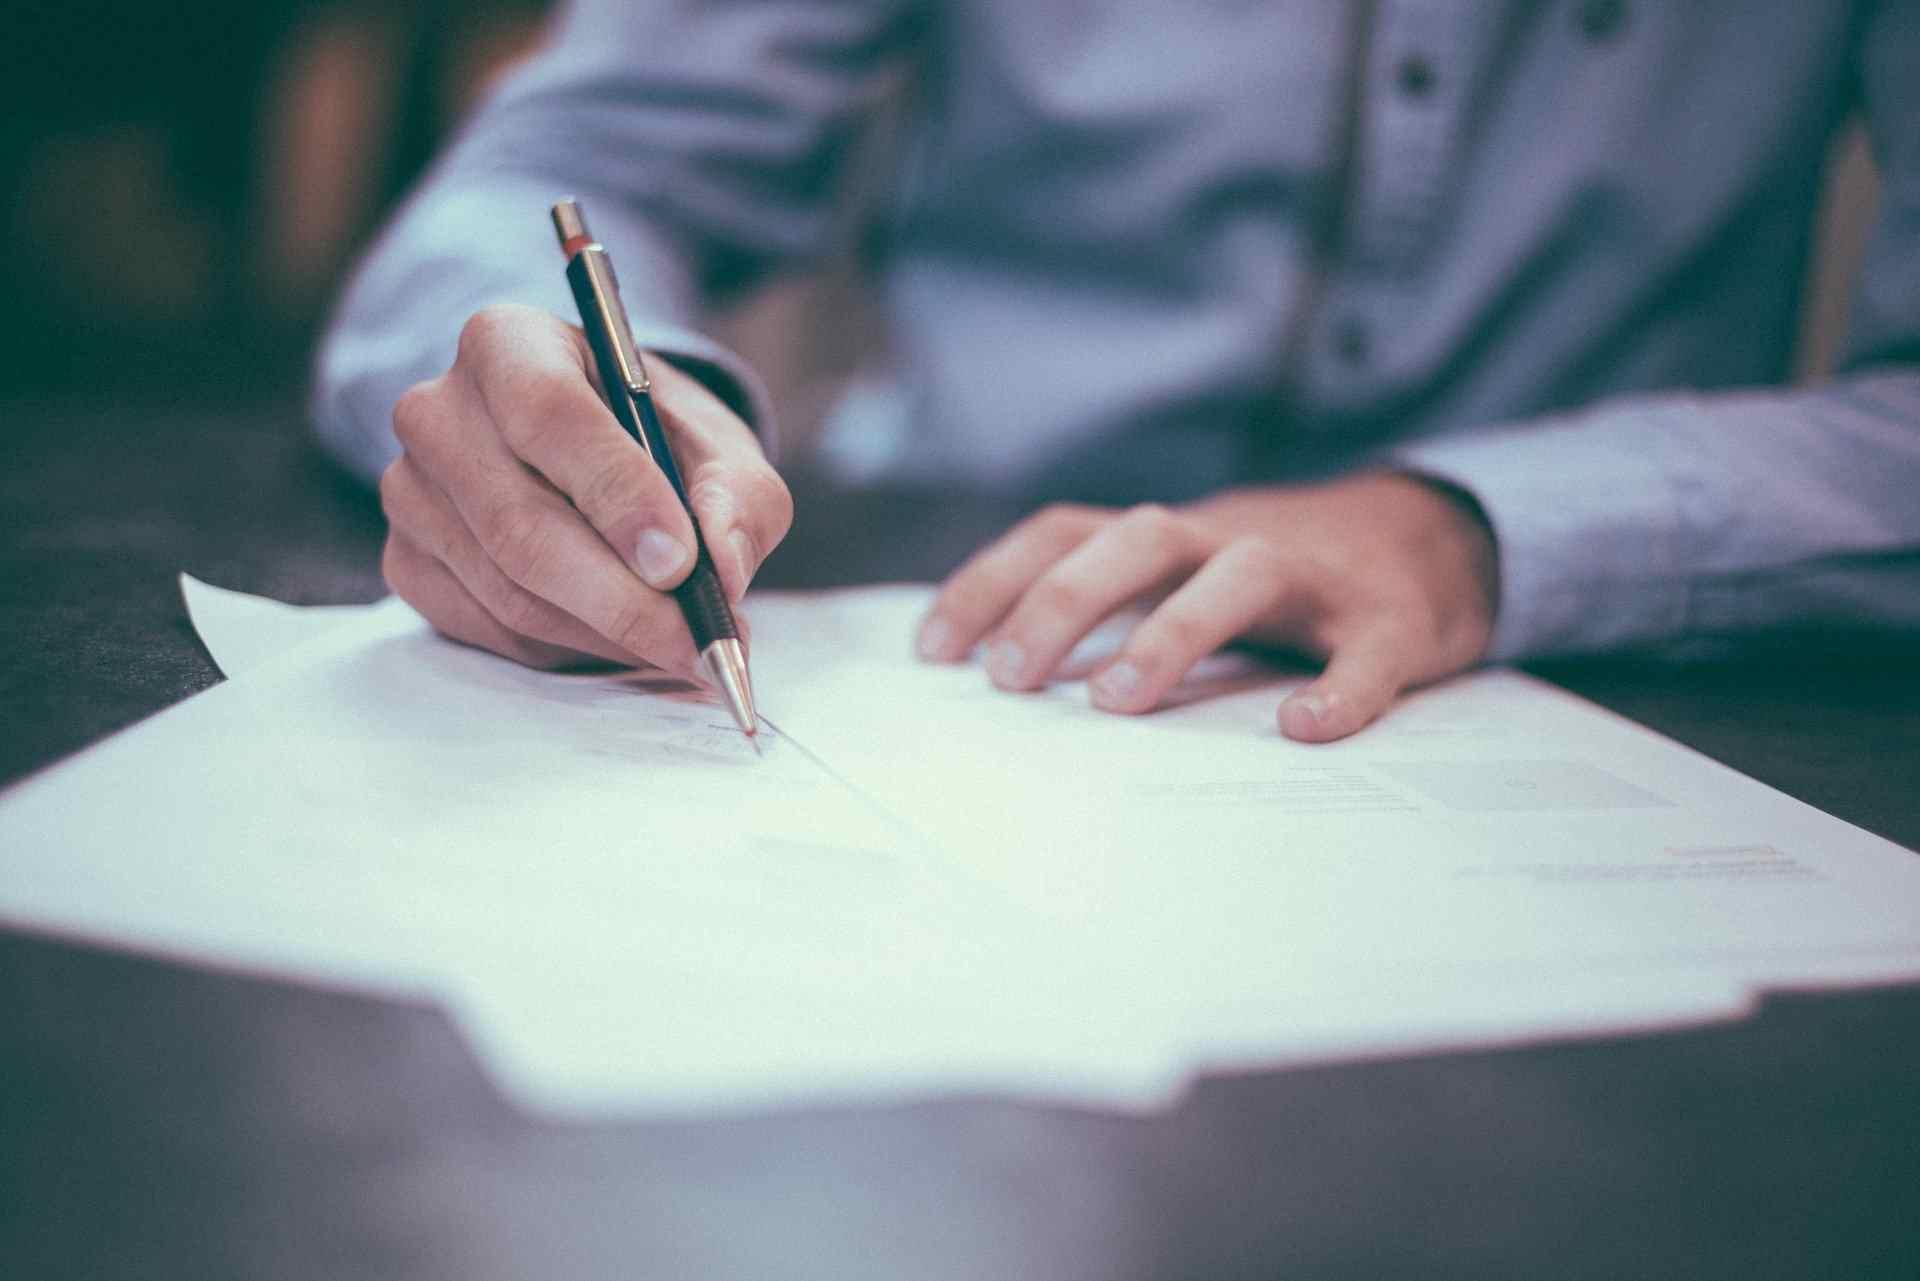 Социальный контракт поможет новороссийцам получить работу или открыть бизнес